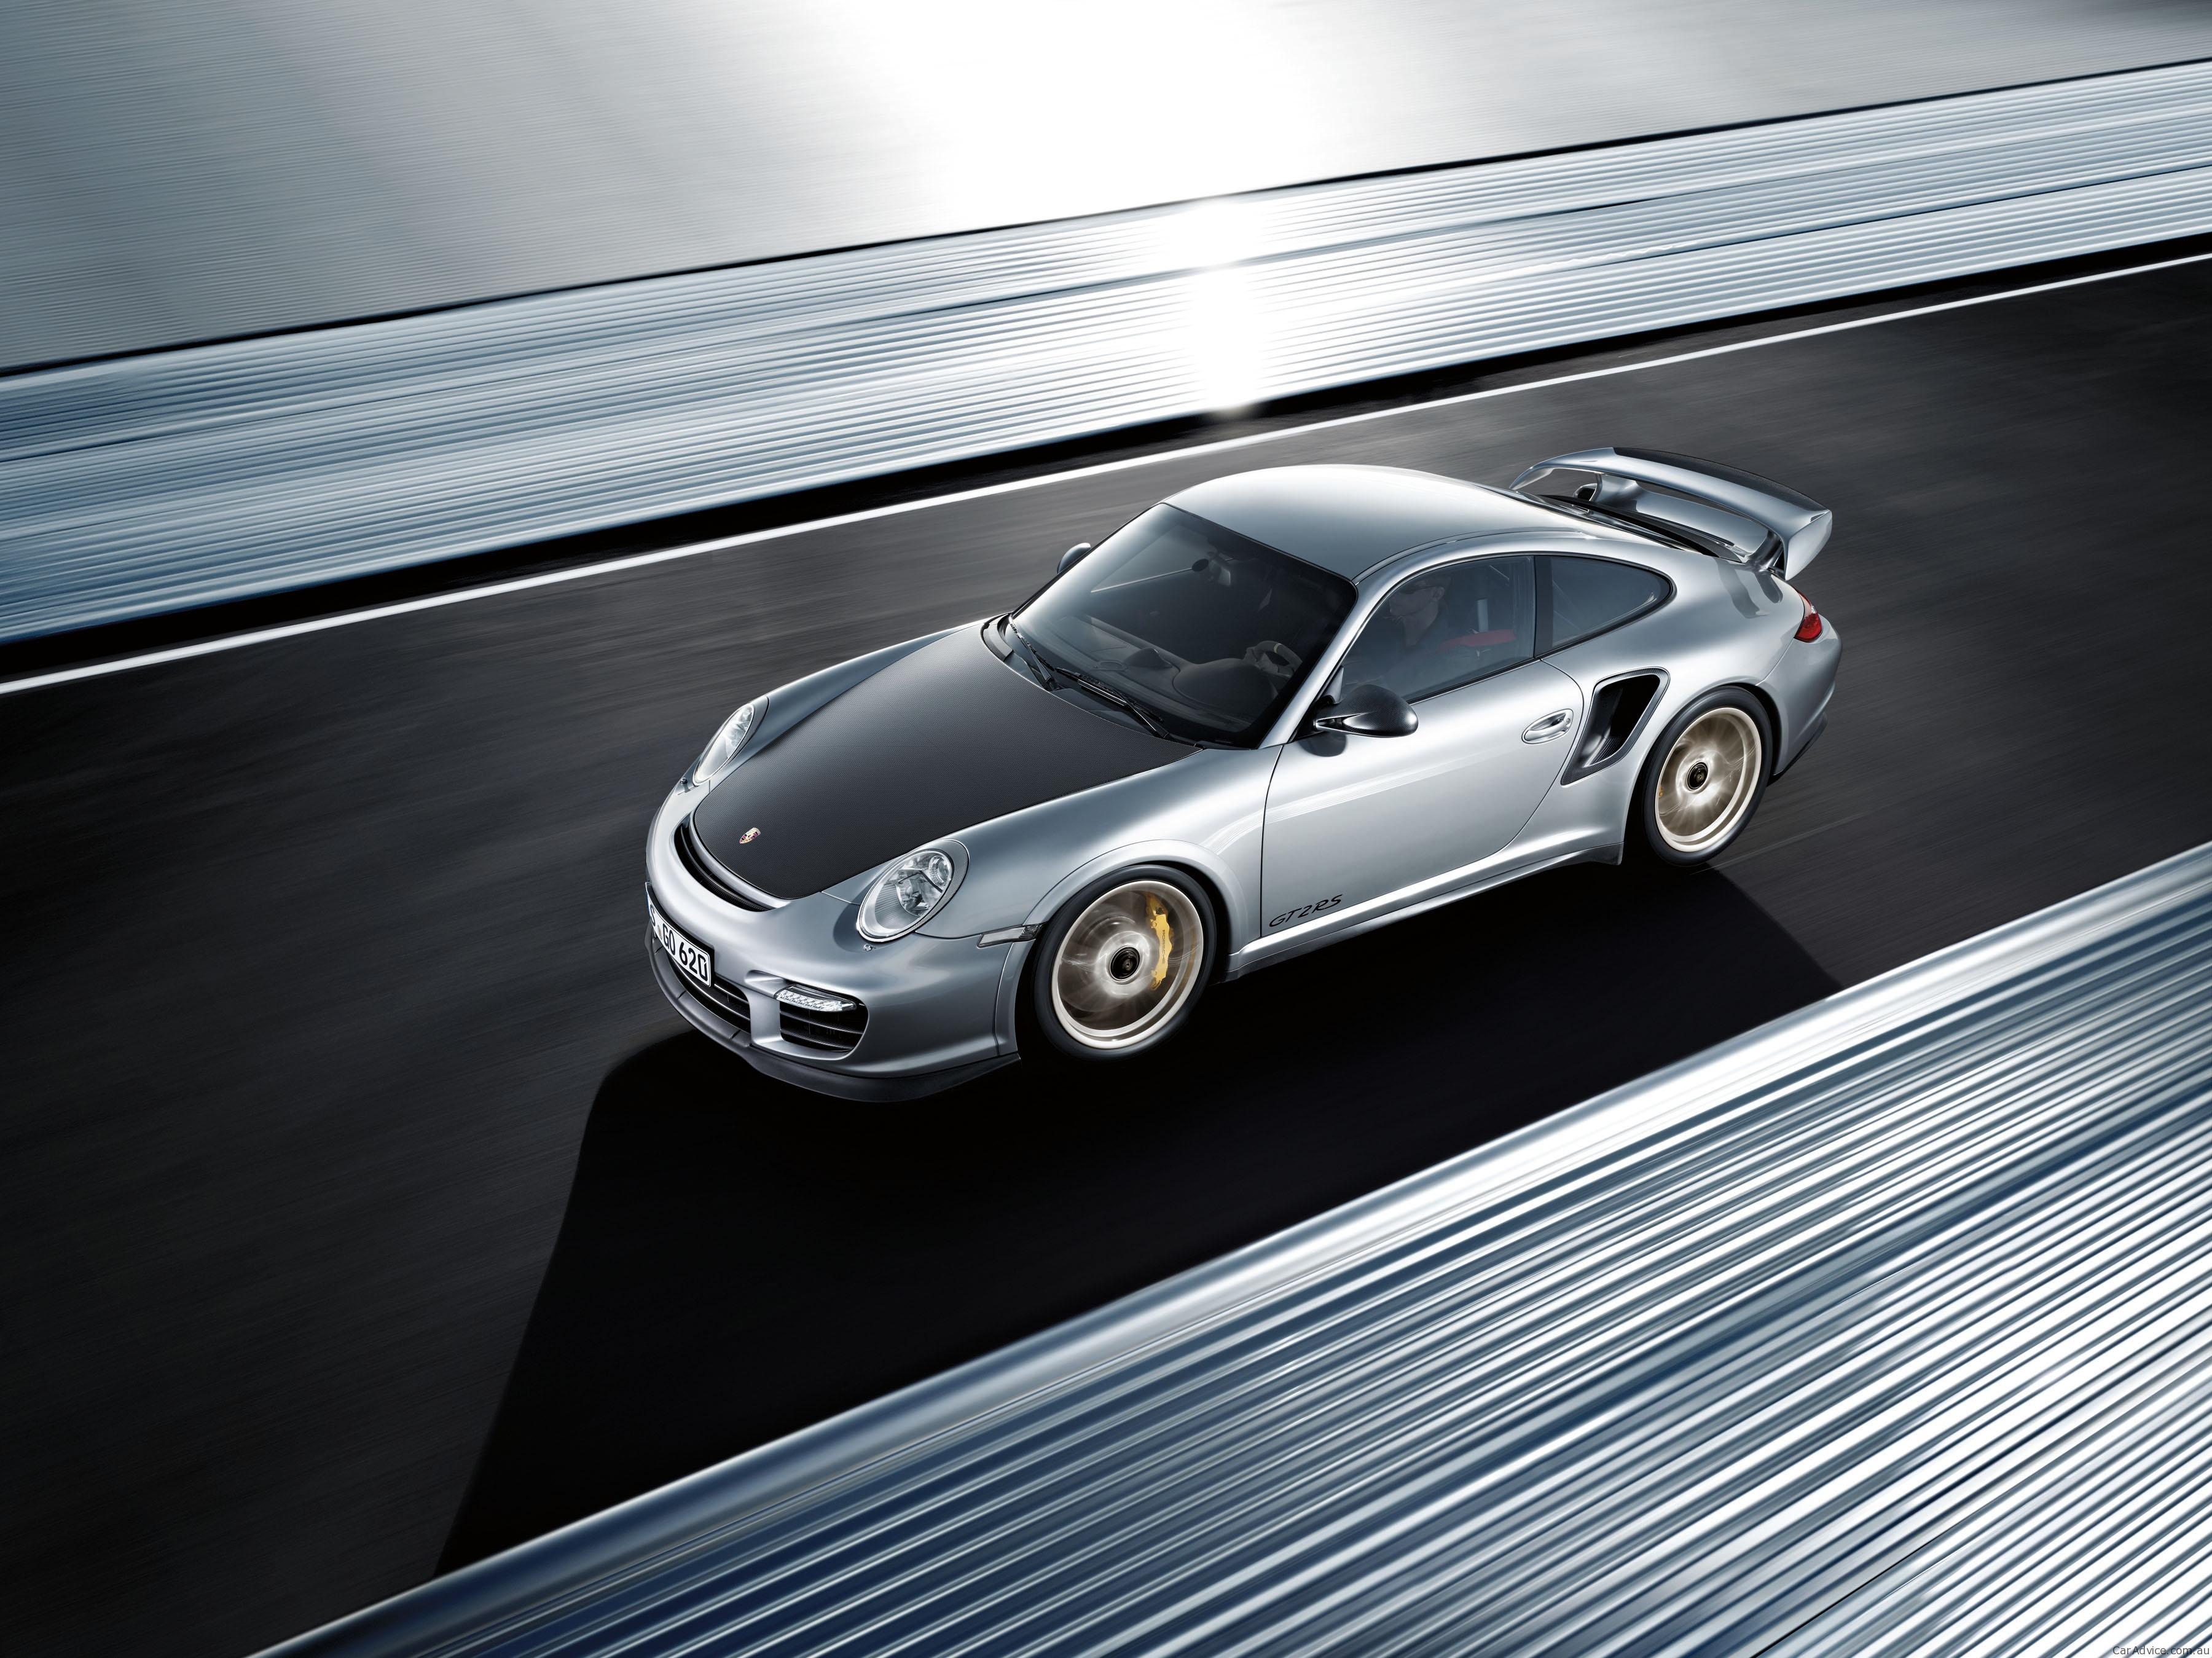 Porsche-911-GT2-RS Outstanding Porsche 911 Gt2 Wheel Au Cars Trend